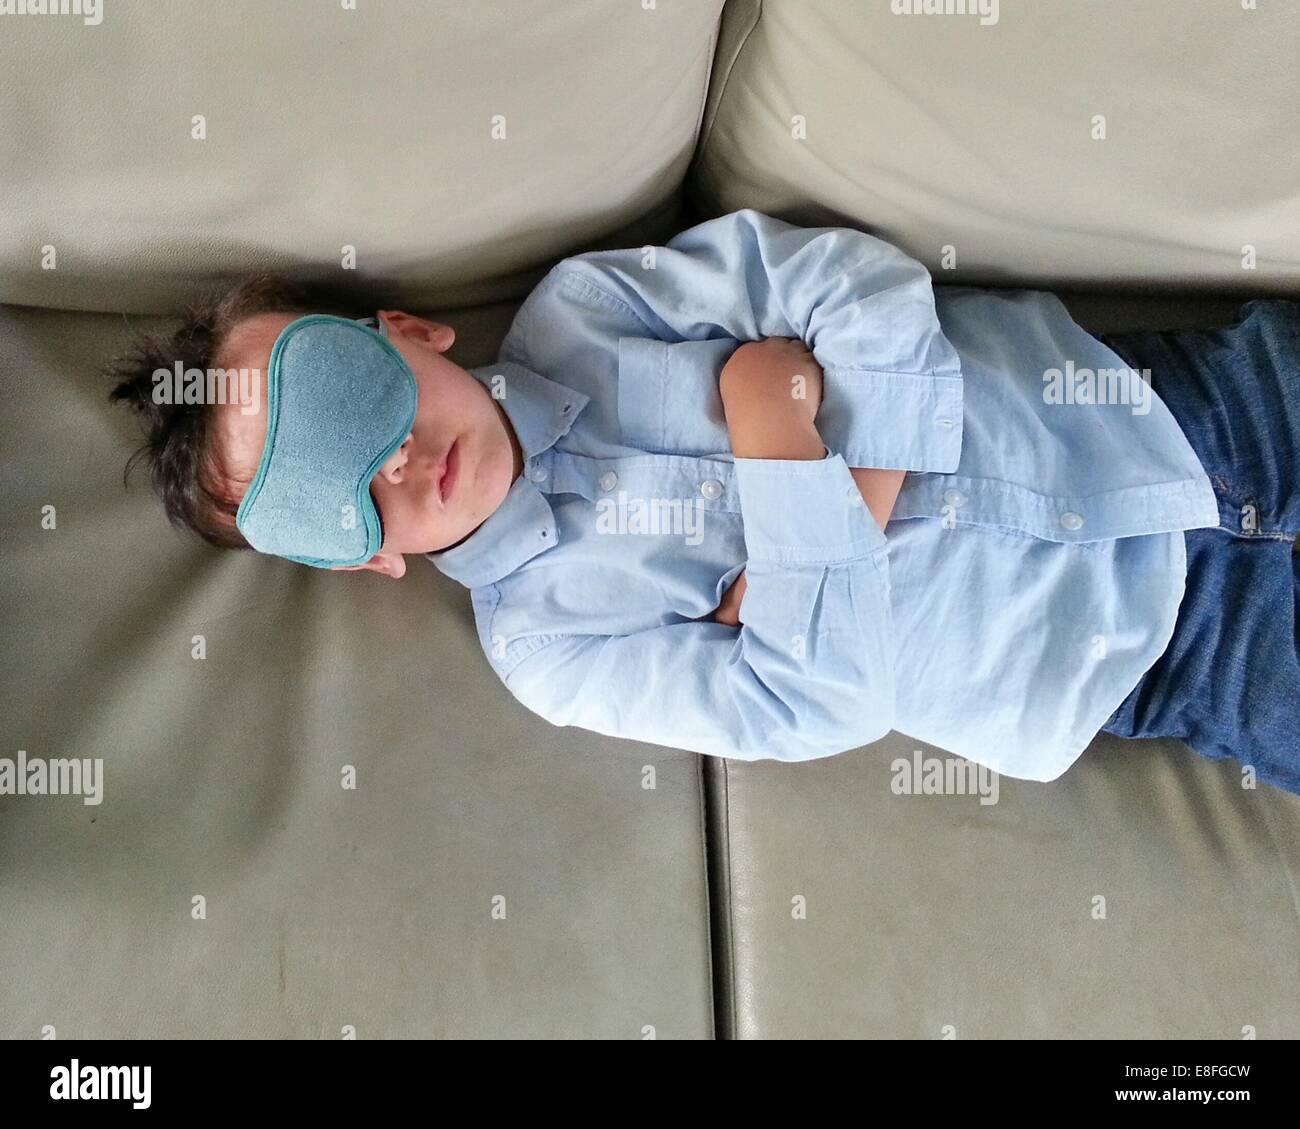 Boy lying on sofa and wearing sleeping eye mask - Stock Image